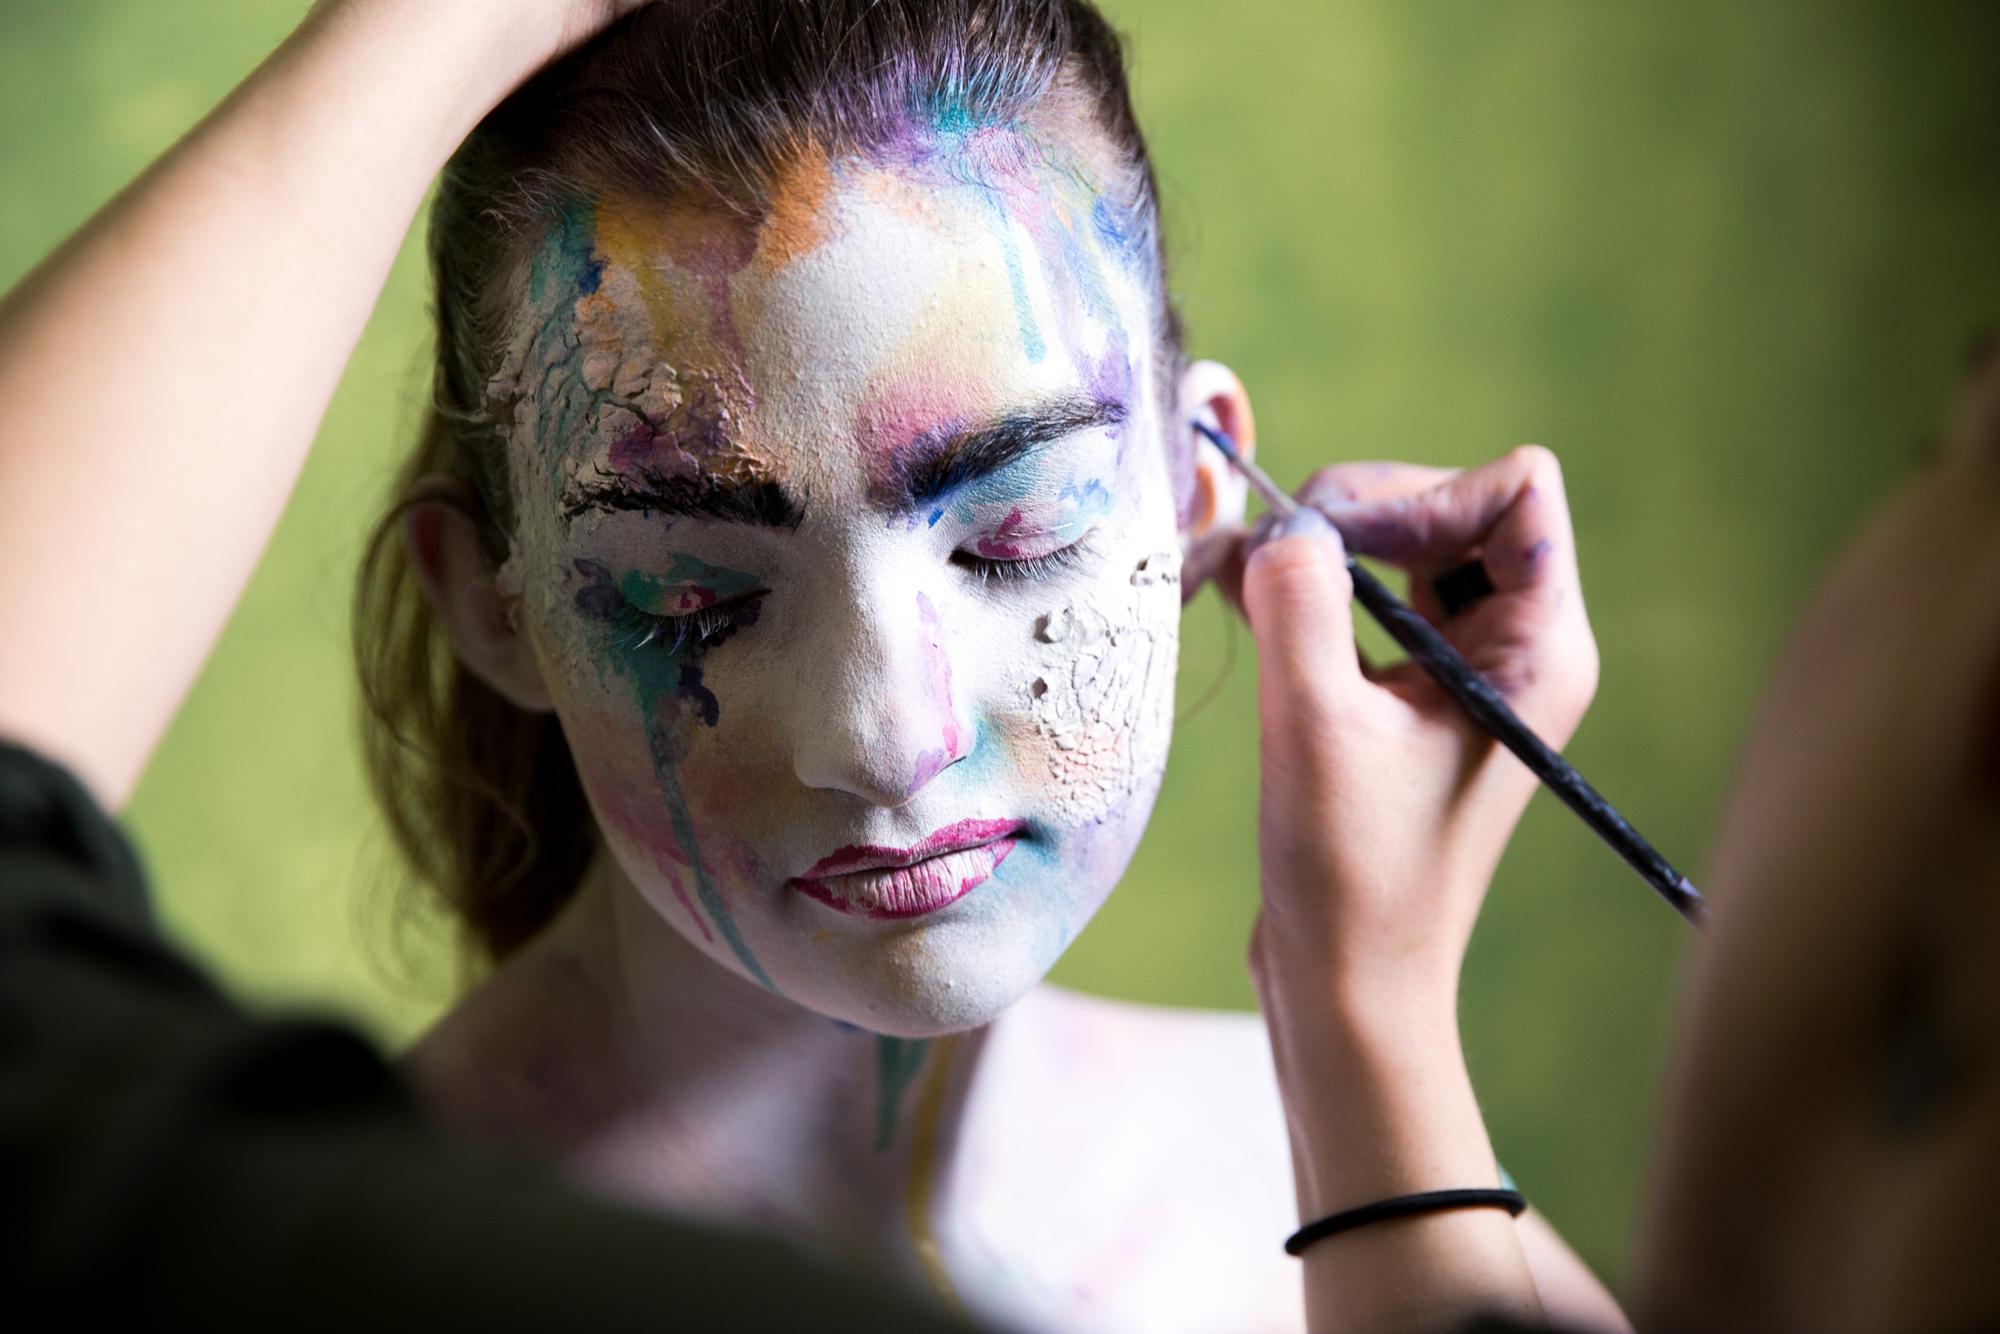 Mariam adding color...